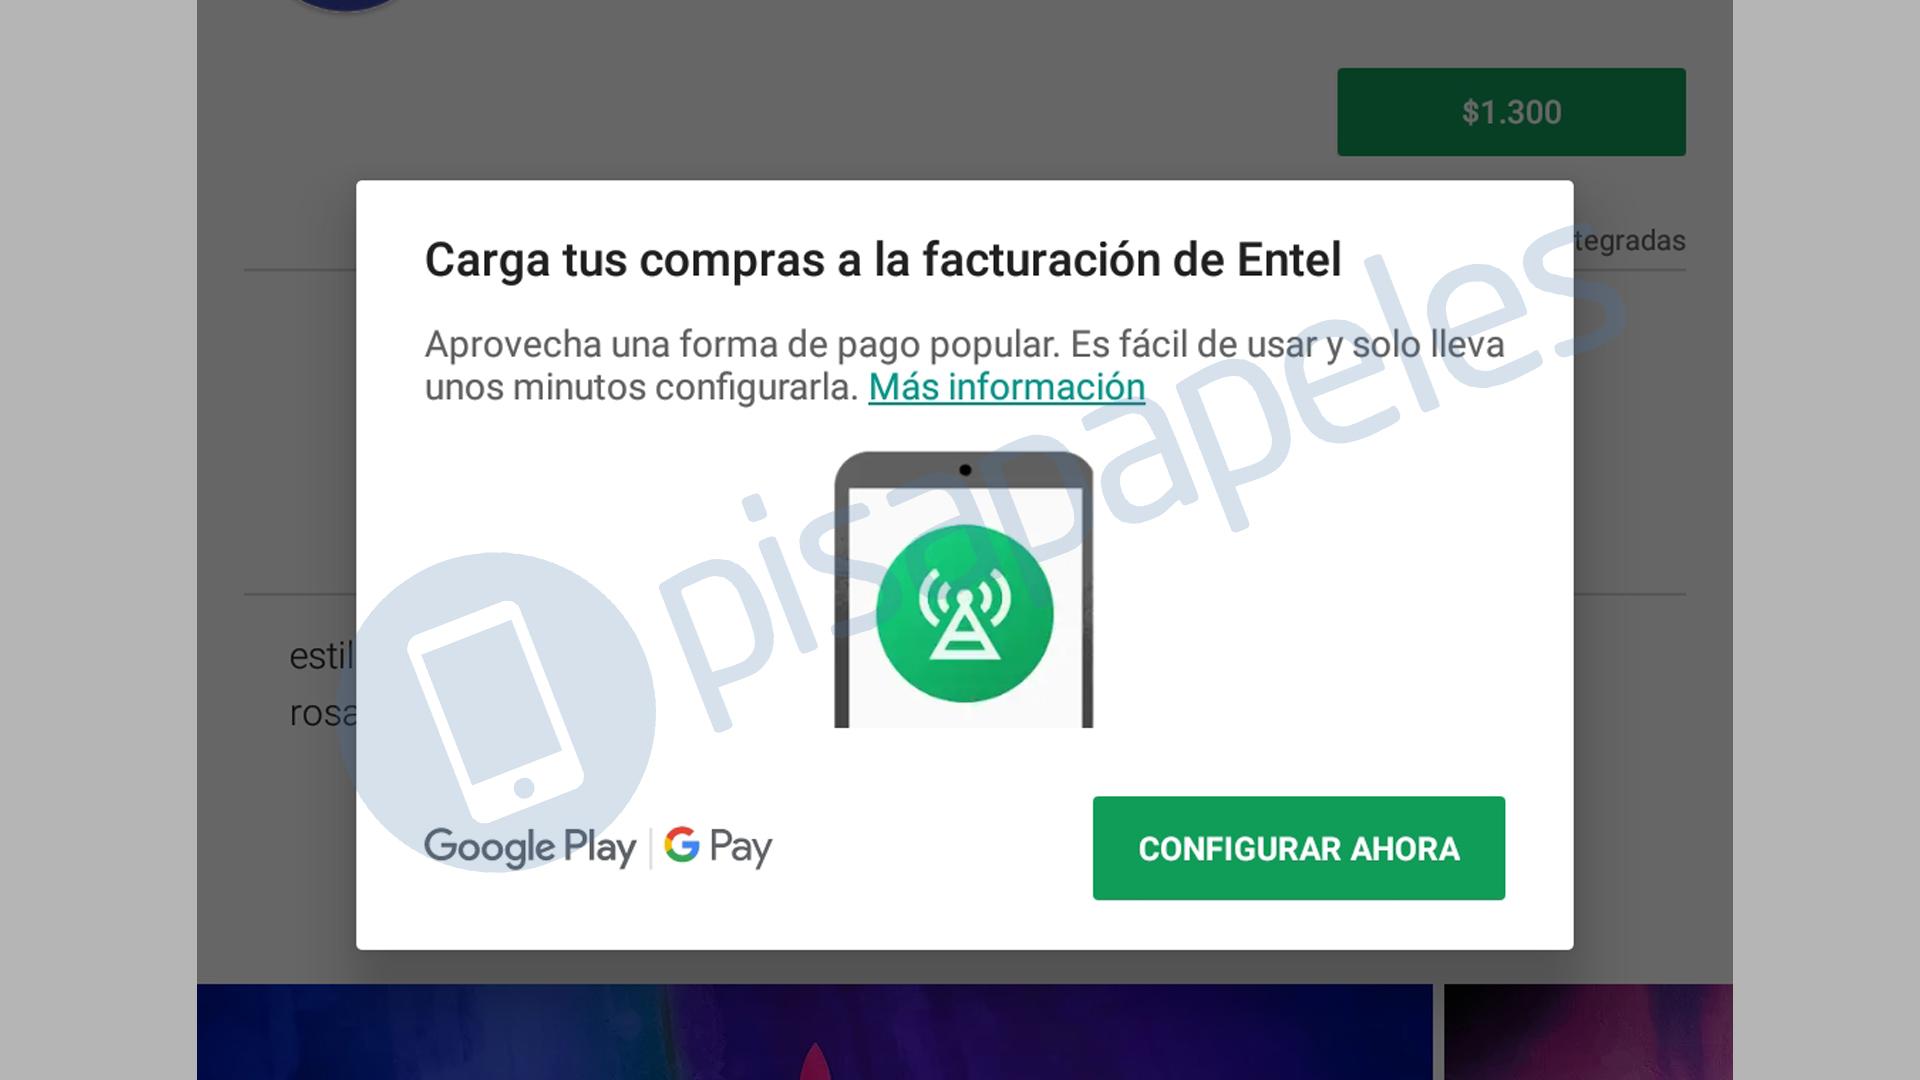 b55afd387f5 [Actualizado] Ahora puedes hacer compras en Google Play con cargo al  servicio móvil de Entel